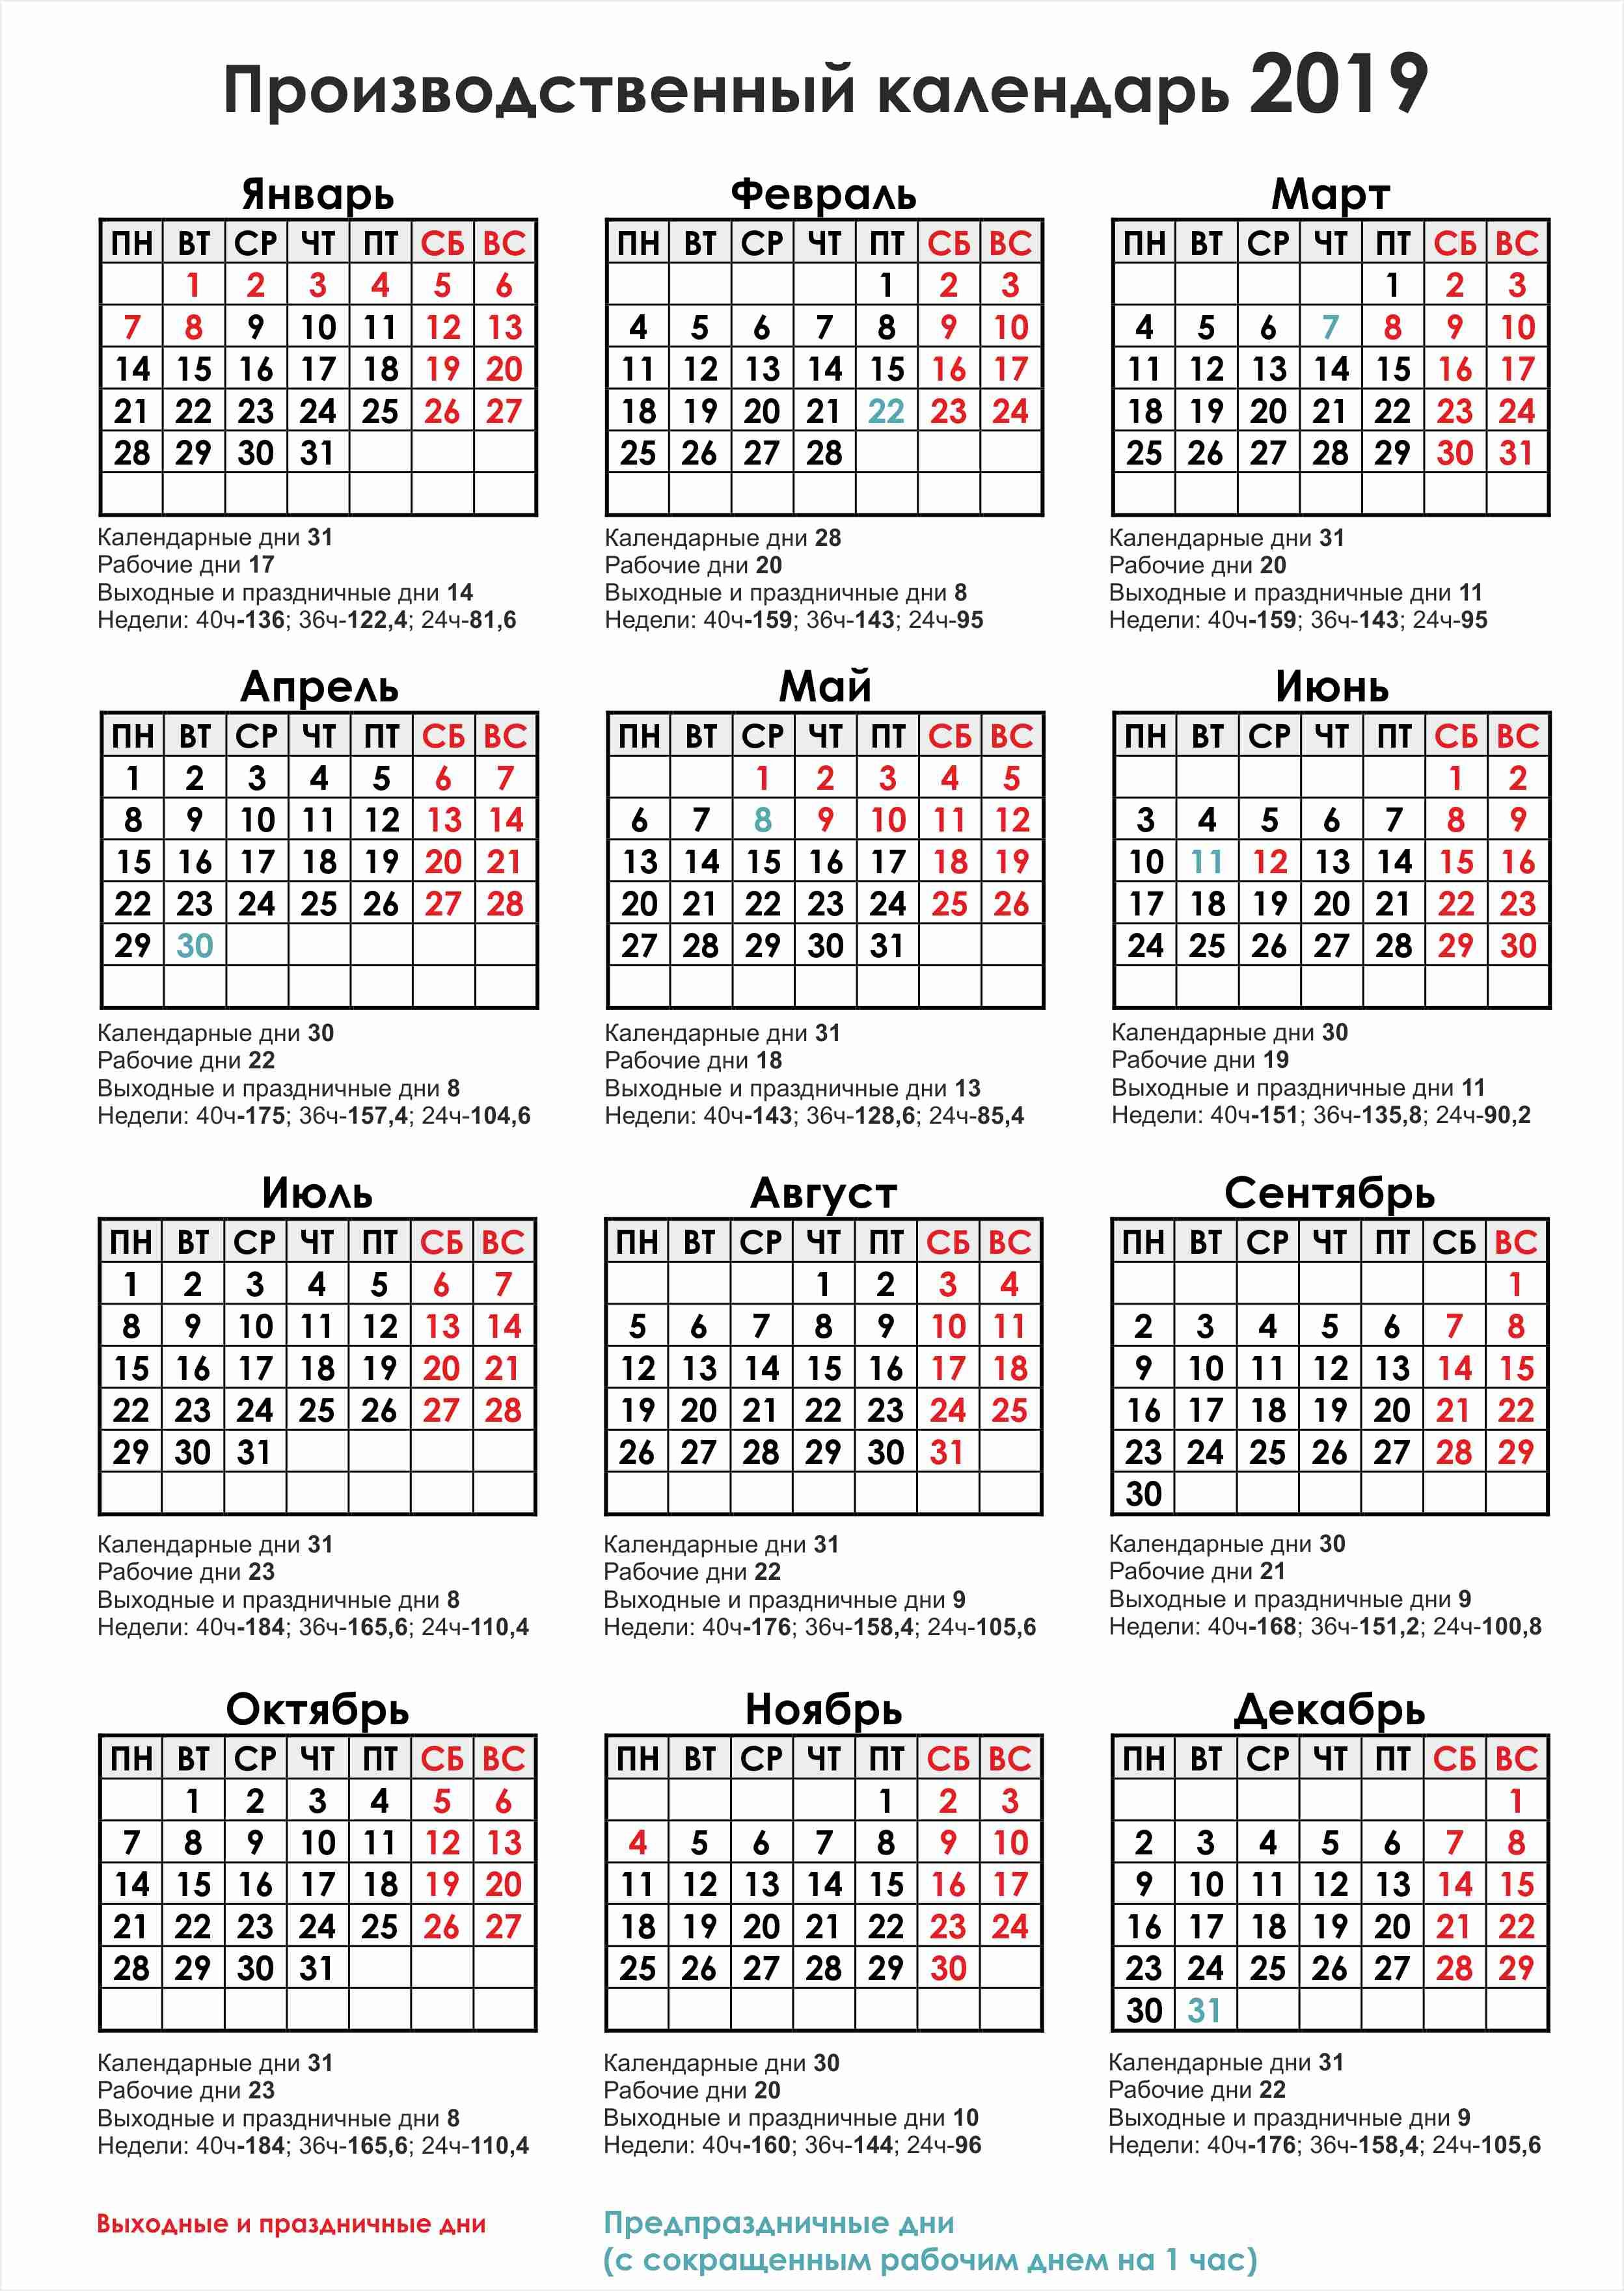 Производственный календарь 2019 год